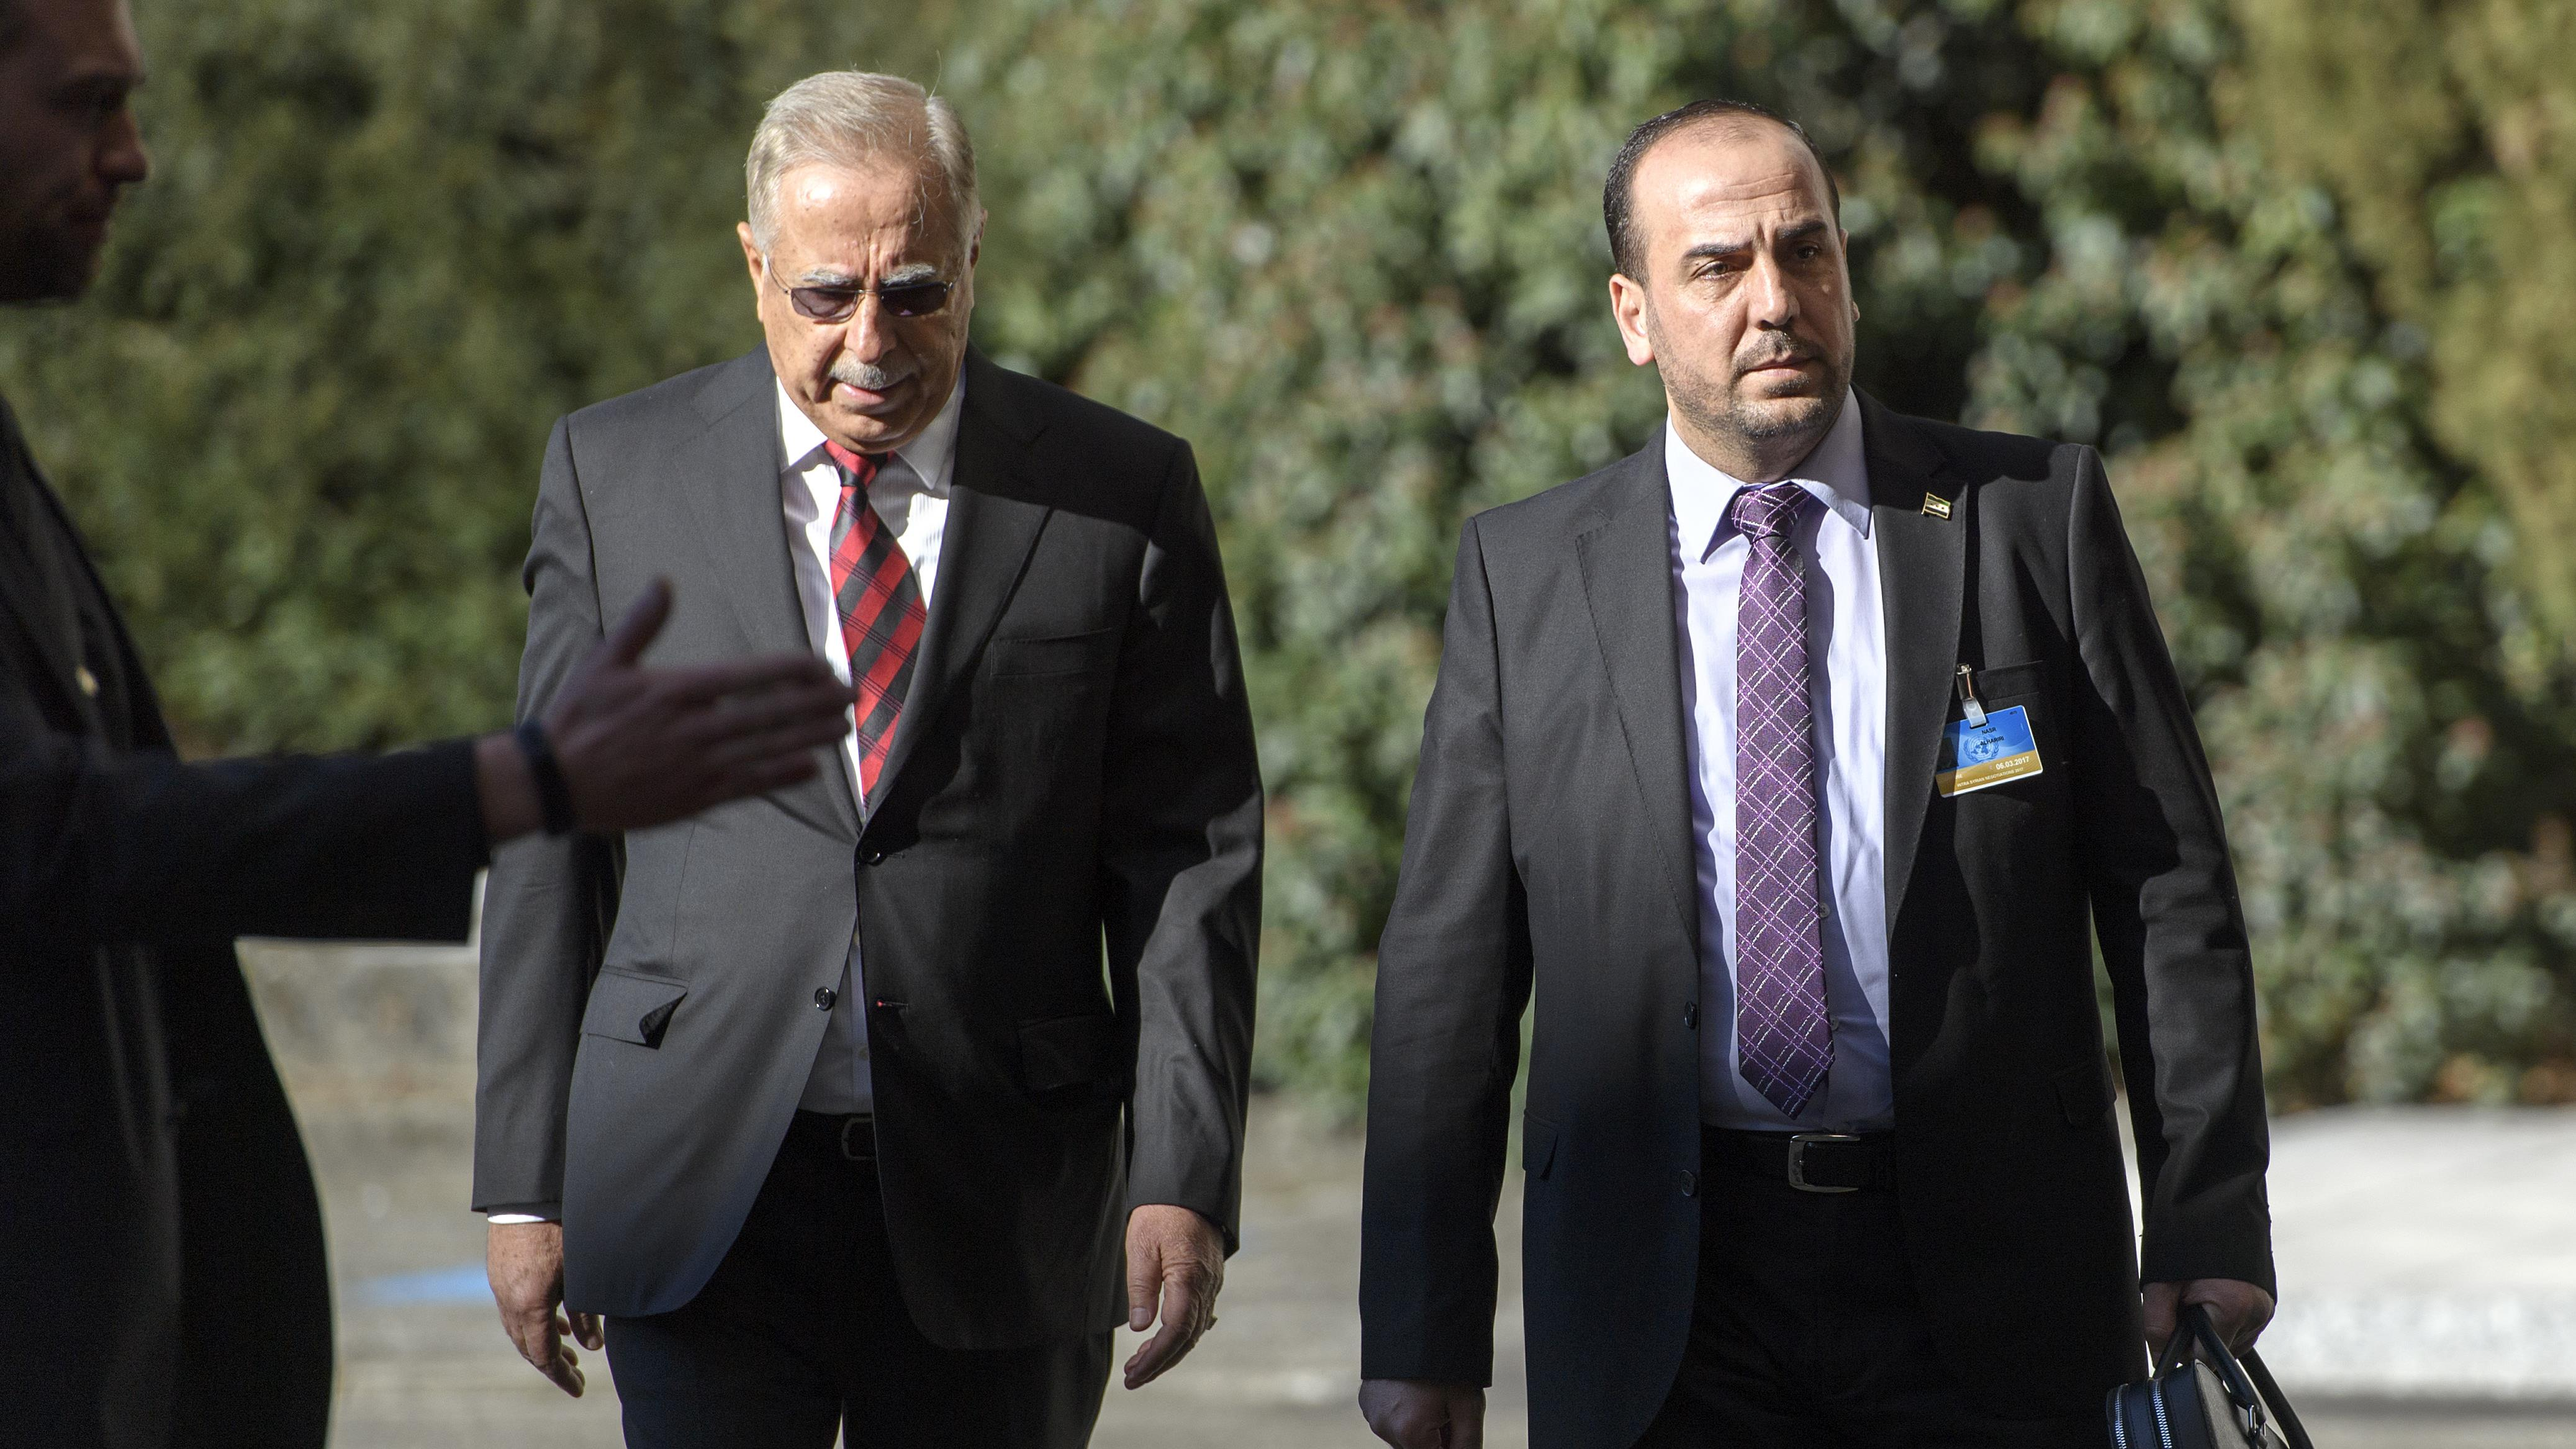 Négociations de paix à Genève sur fond de combat en Syrie